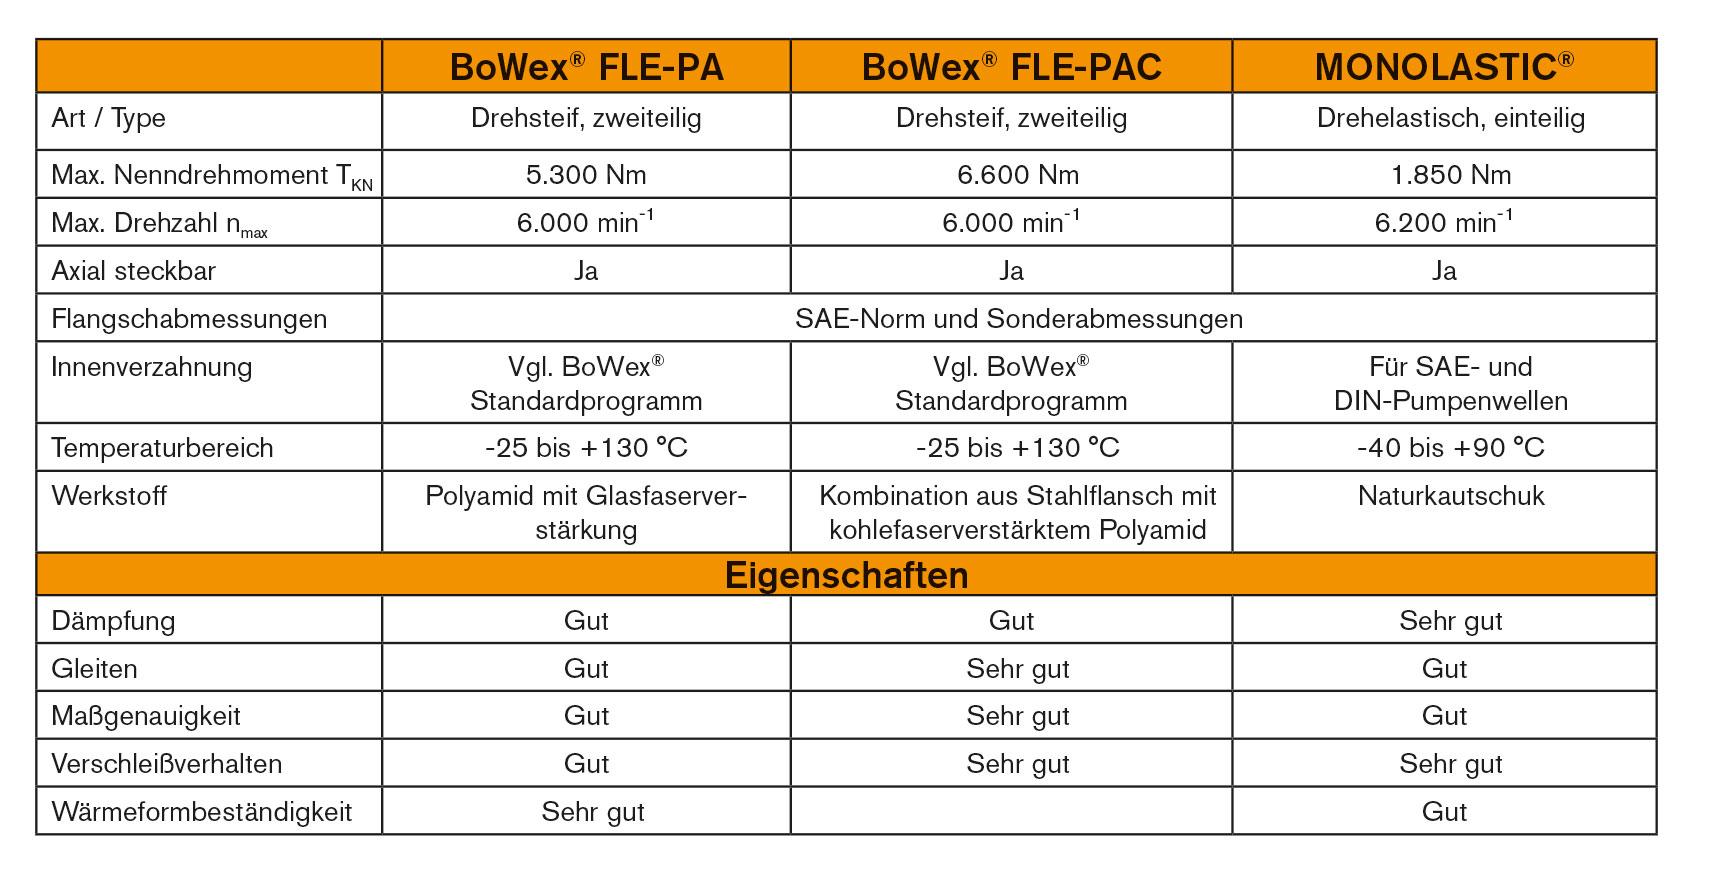 Produktvergleich BoWex und MONOLASTIC